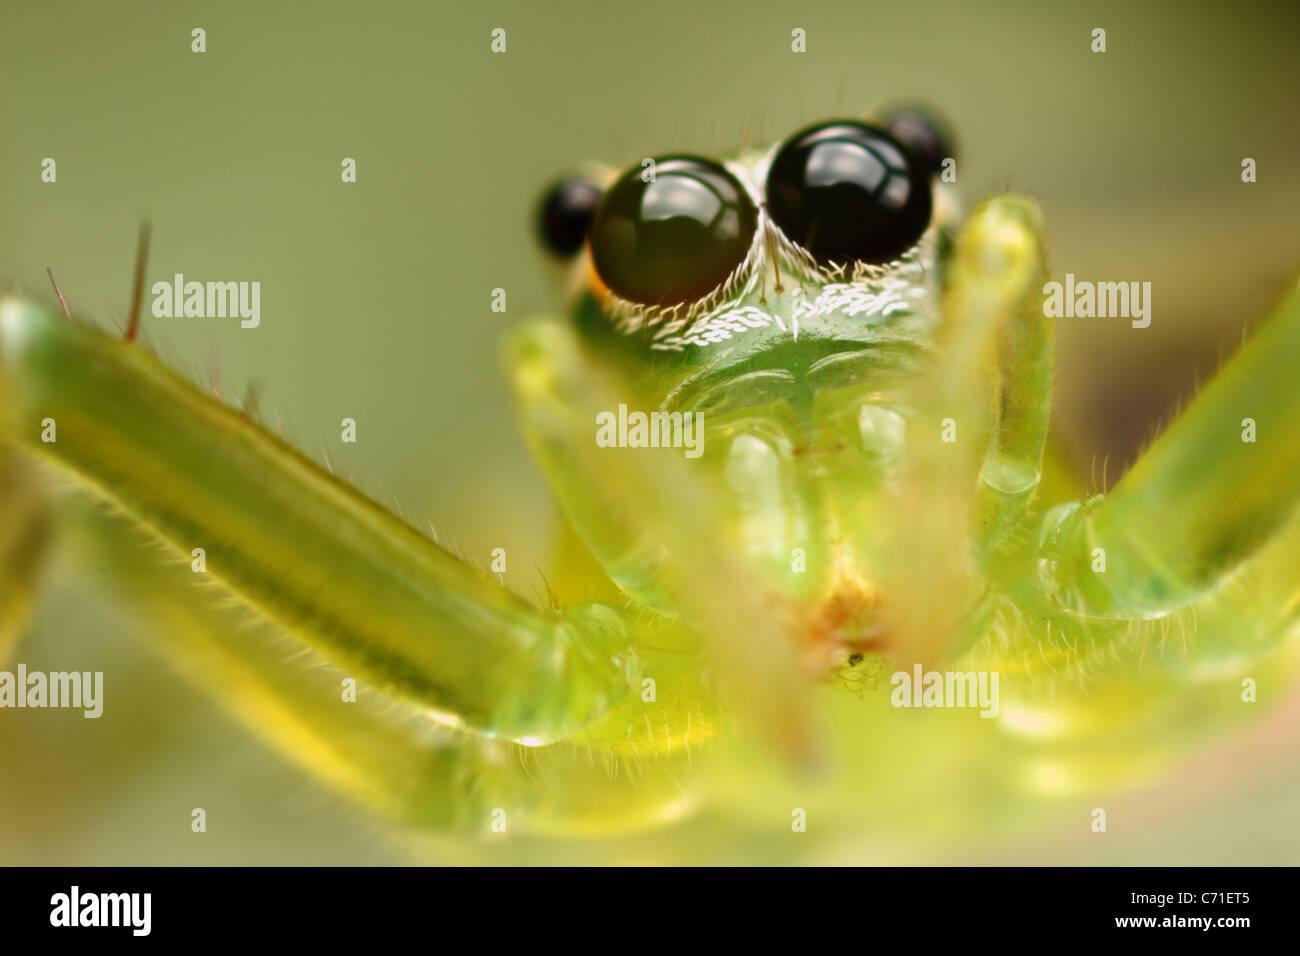 La foto è un verde trasparente spider ponticello al momento del salto. Immagini Stock